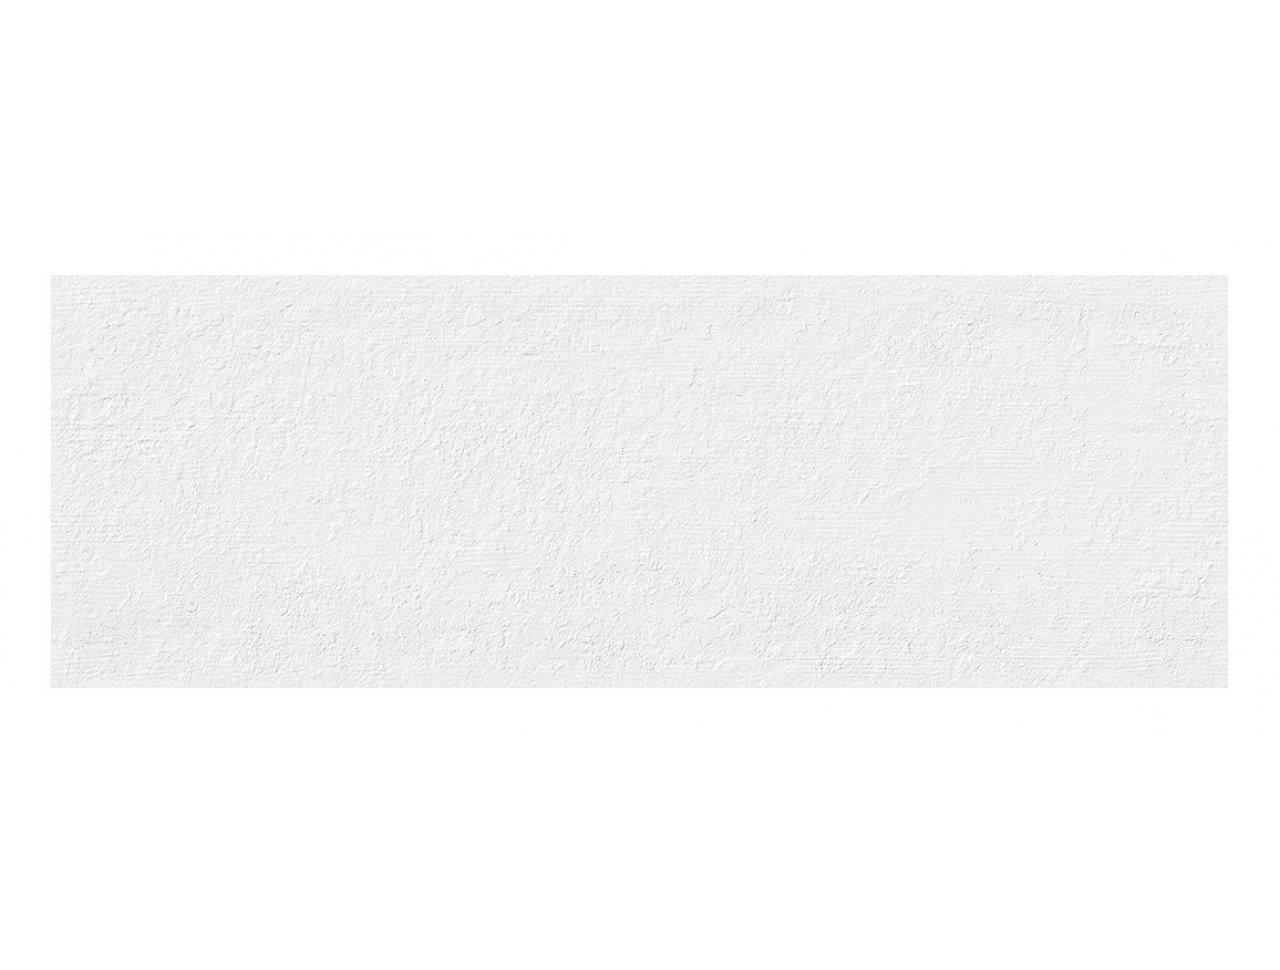 Керамическая плитка PORCELANOSA Menorca Blanco 31,6x90